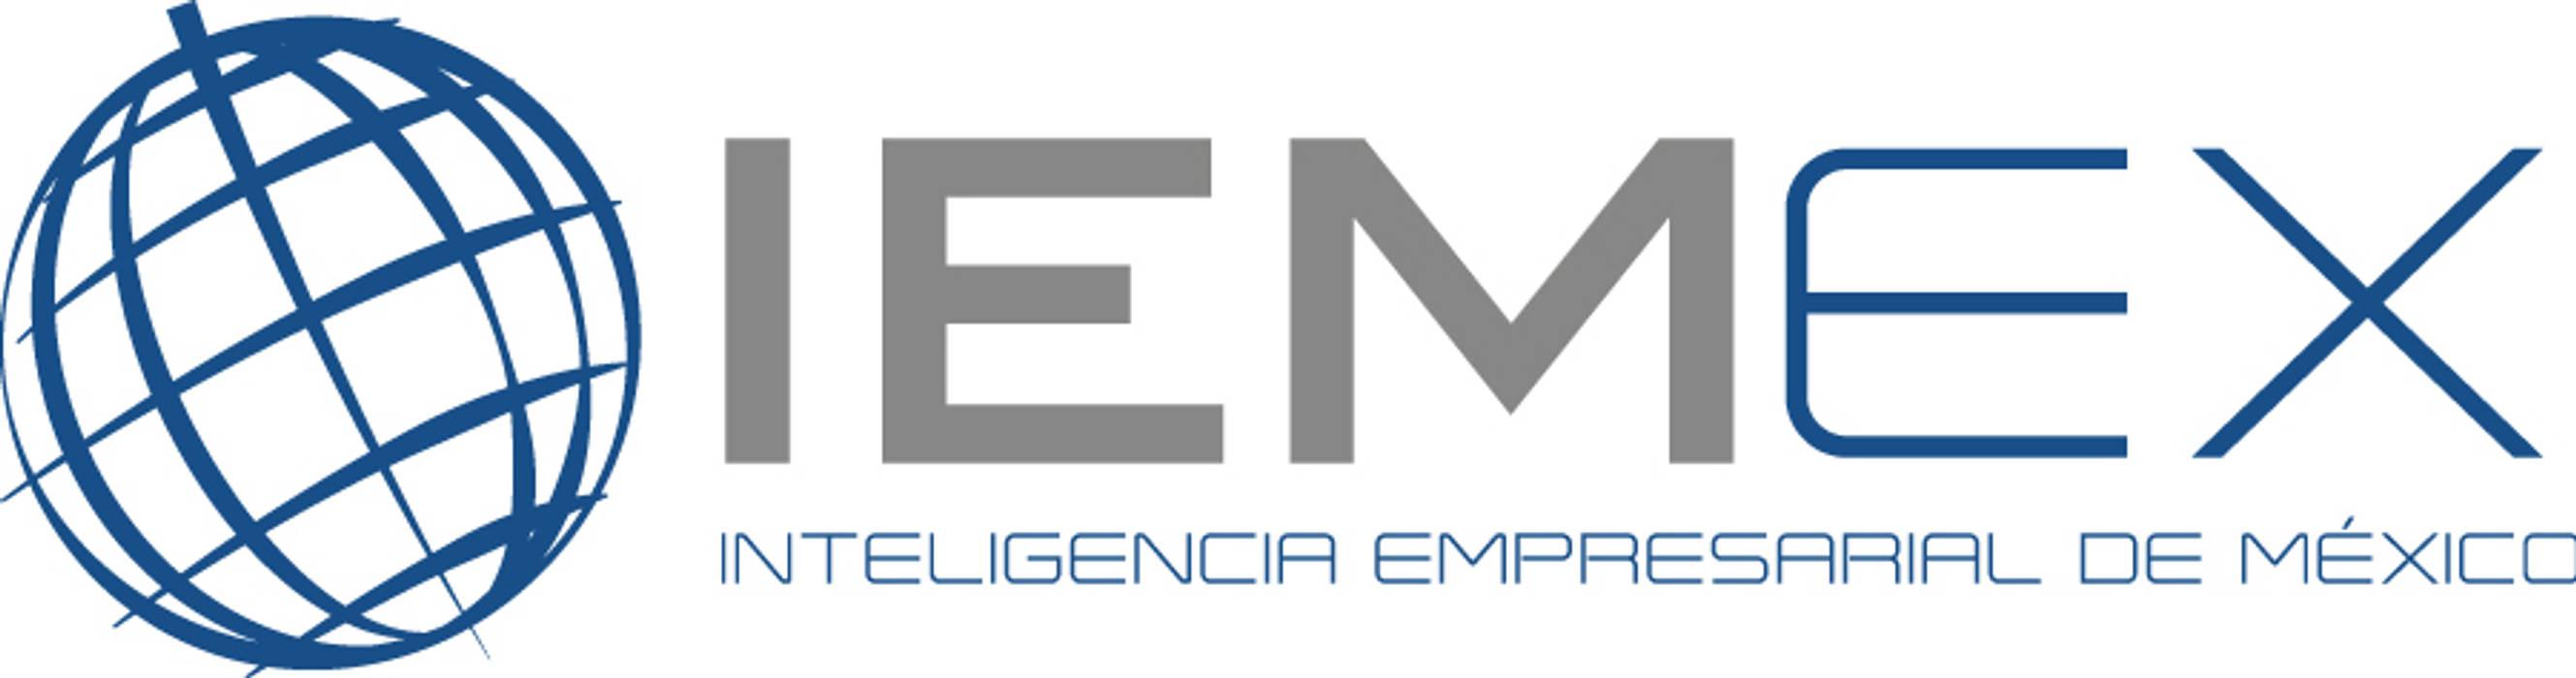 IEMex de Xarzamora Diseño